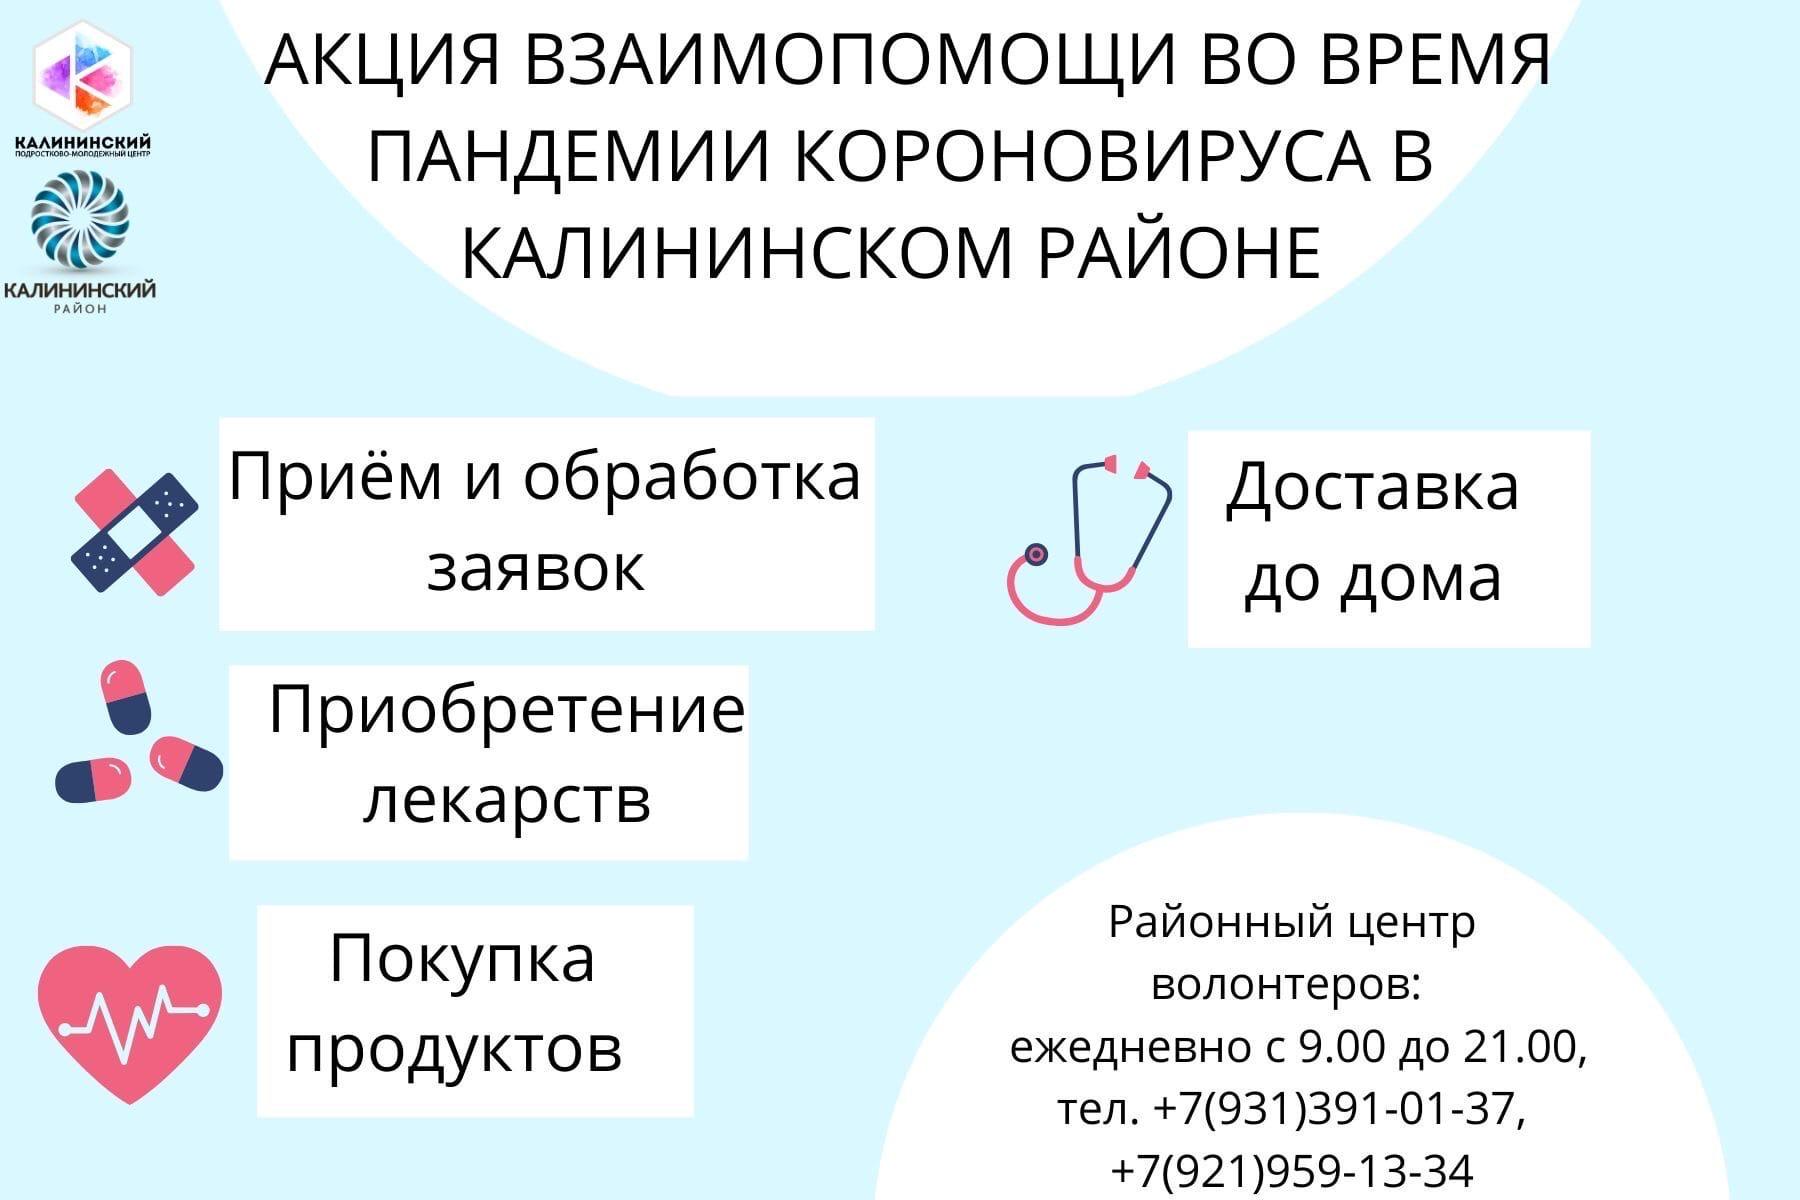 Калининский район, информация для вас!